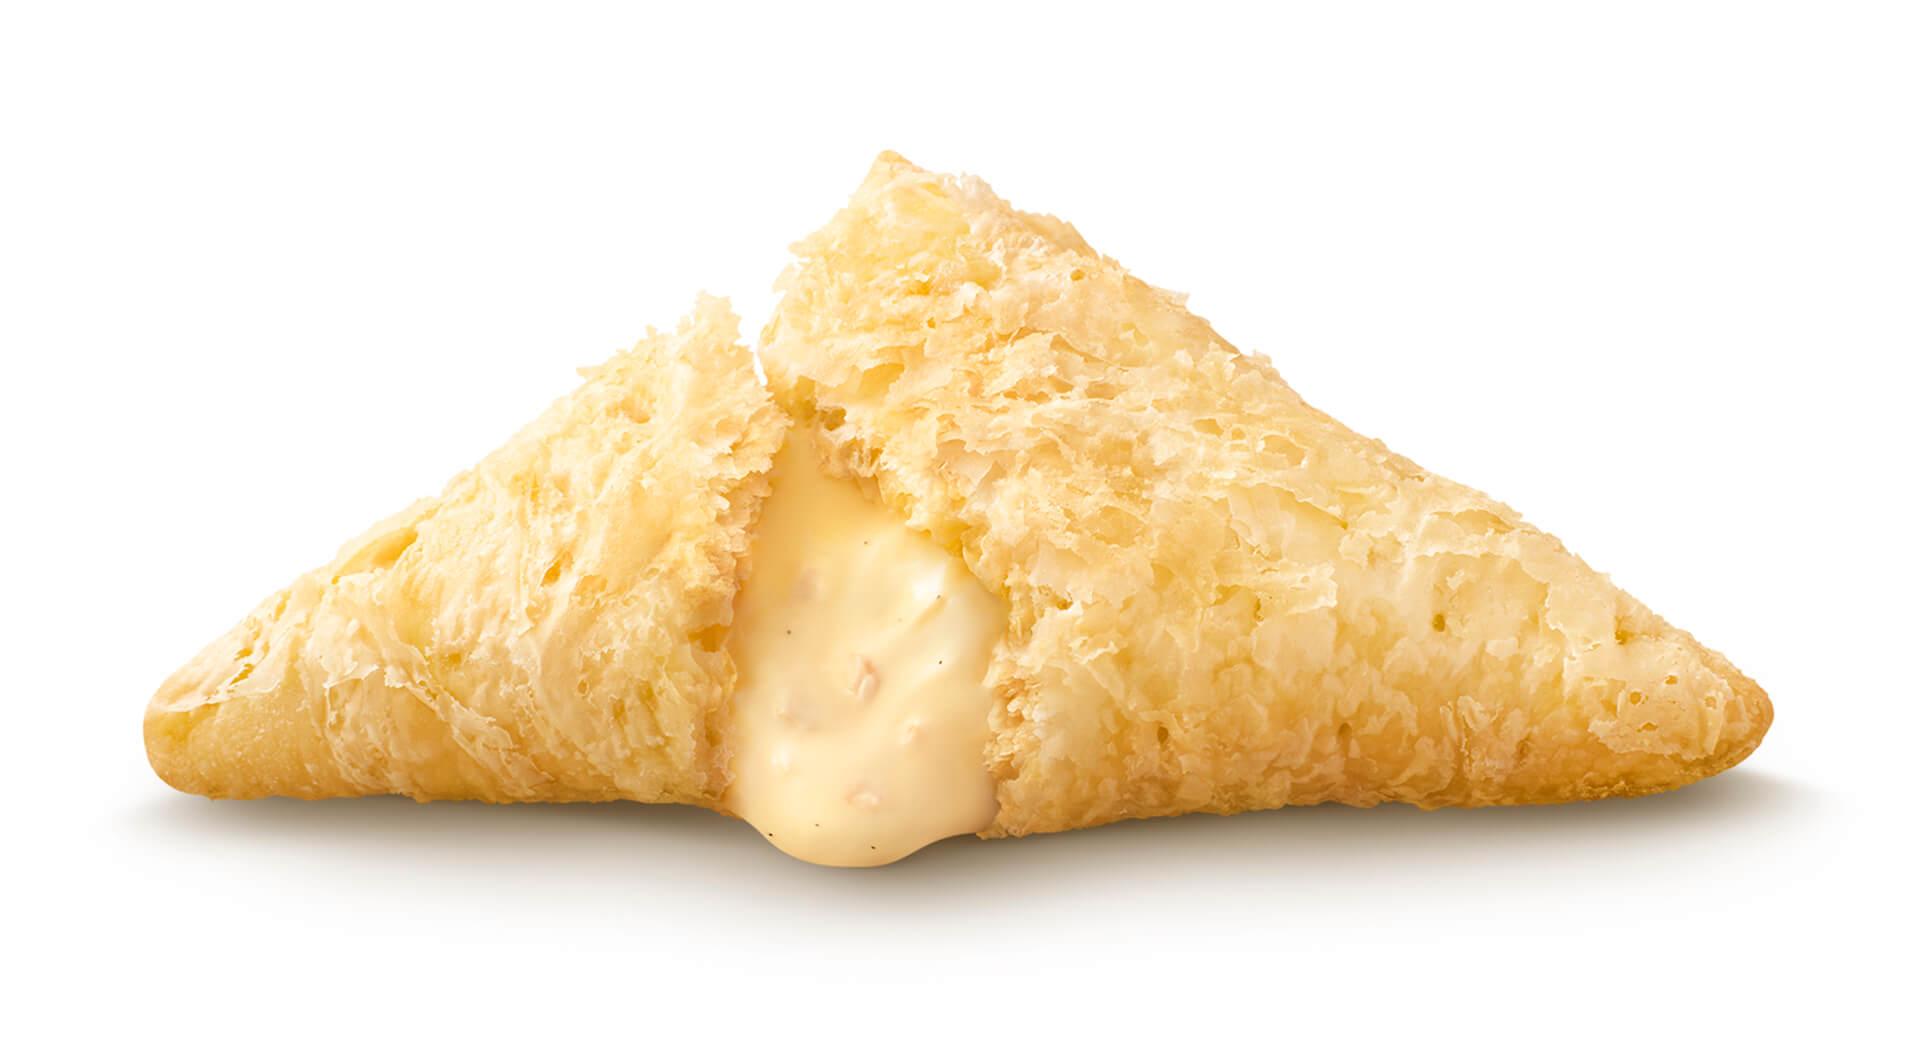 マクドナルドの秋冬の定番「三角チョコパイ」が期間限定で登場!今年は「三角チョコパイ 黒」と「三角チョコパイ 白」の2種類 gourmet201007_mcdonald_4